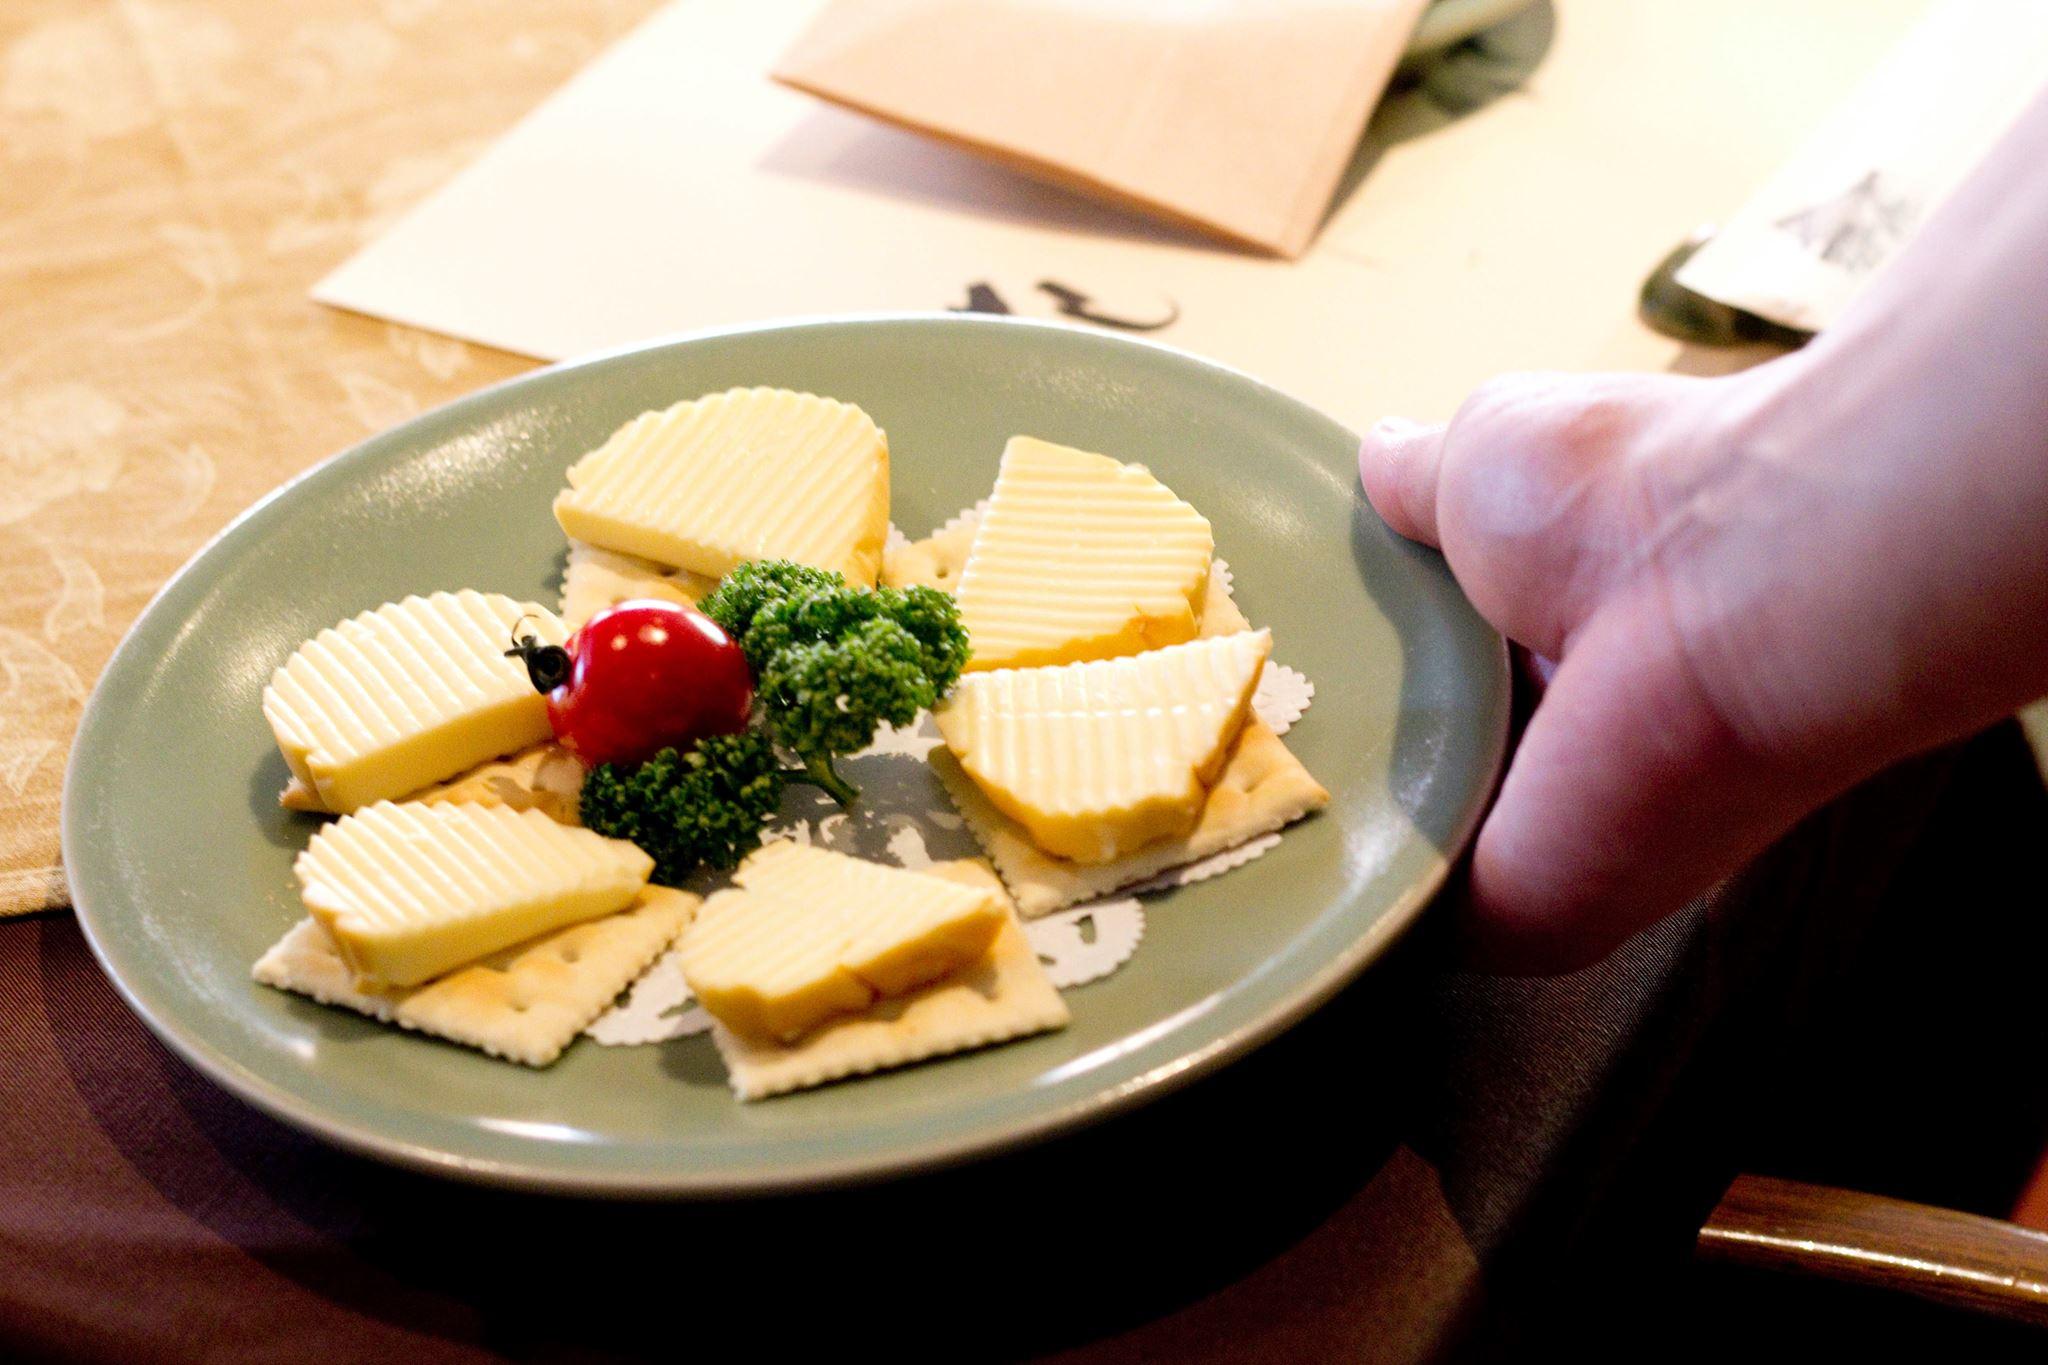 スモークチーズの盛り合わせ